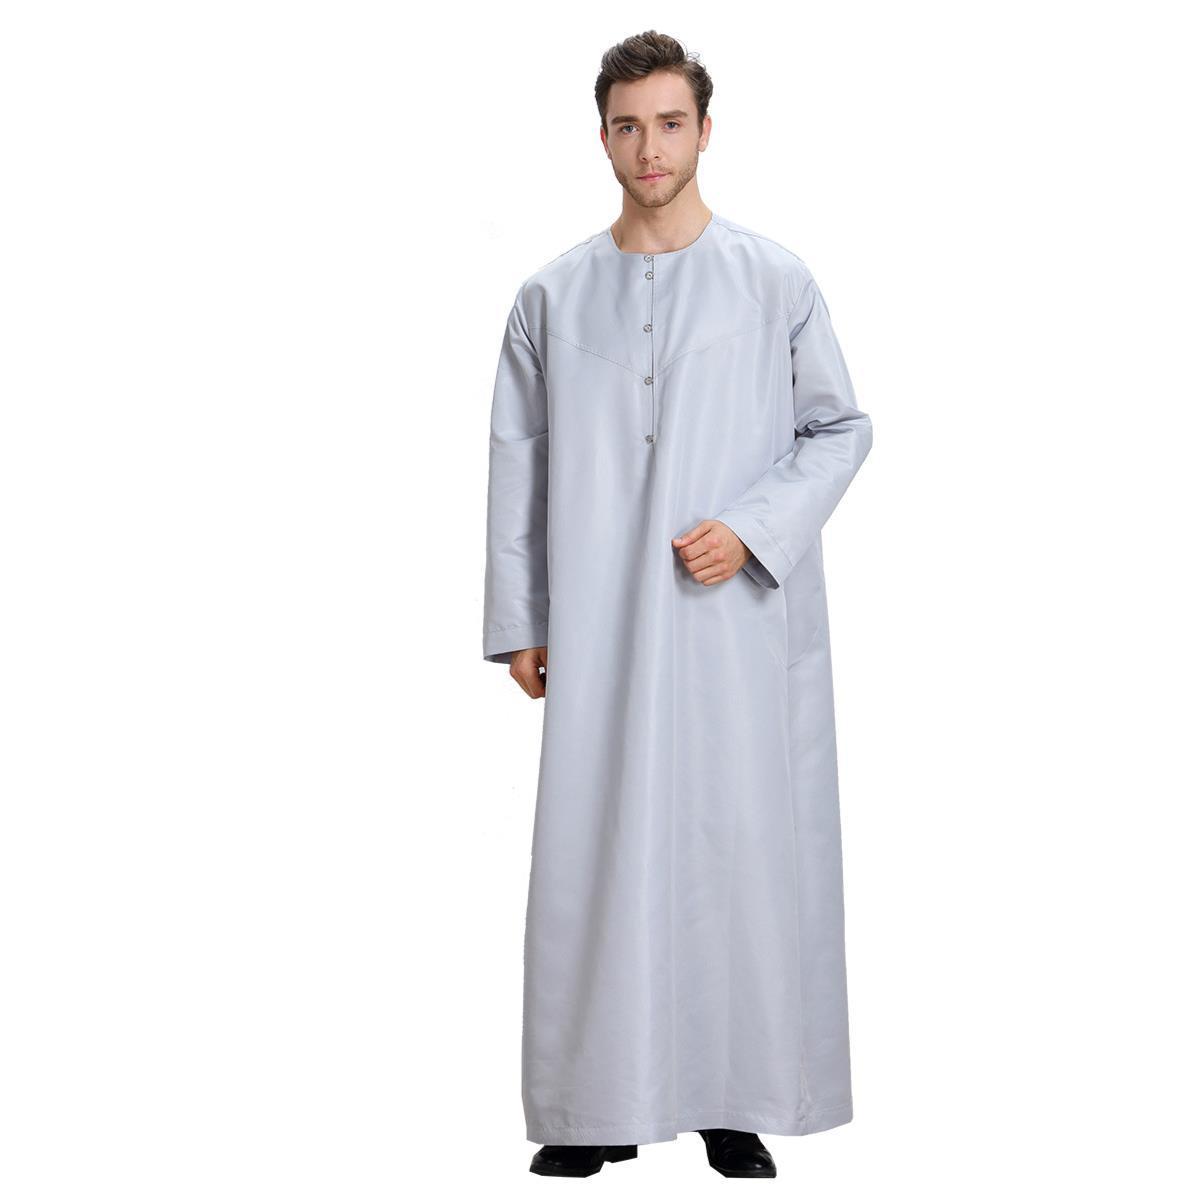 Muslim Arabia Pria Lengan Panjang Murni Pakaian Cordova Robe Pria Gamis Pakaian